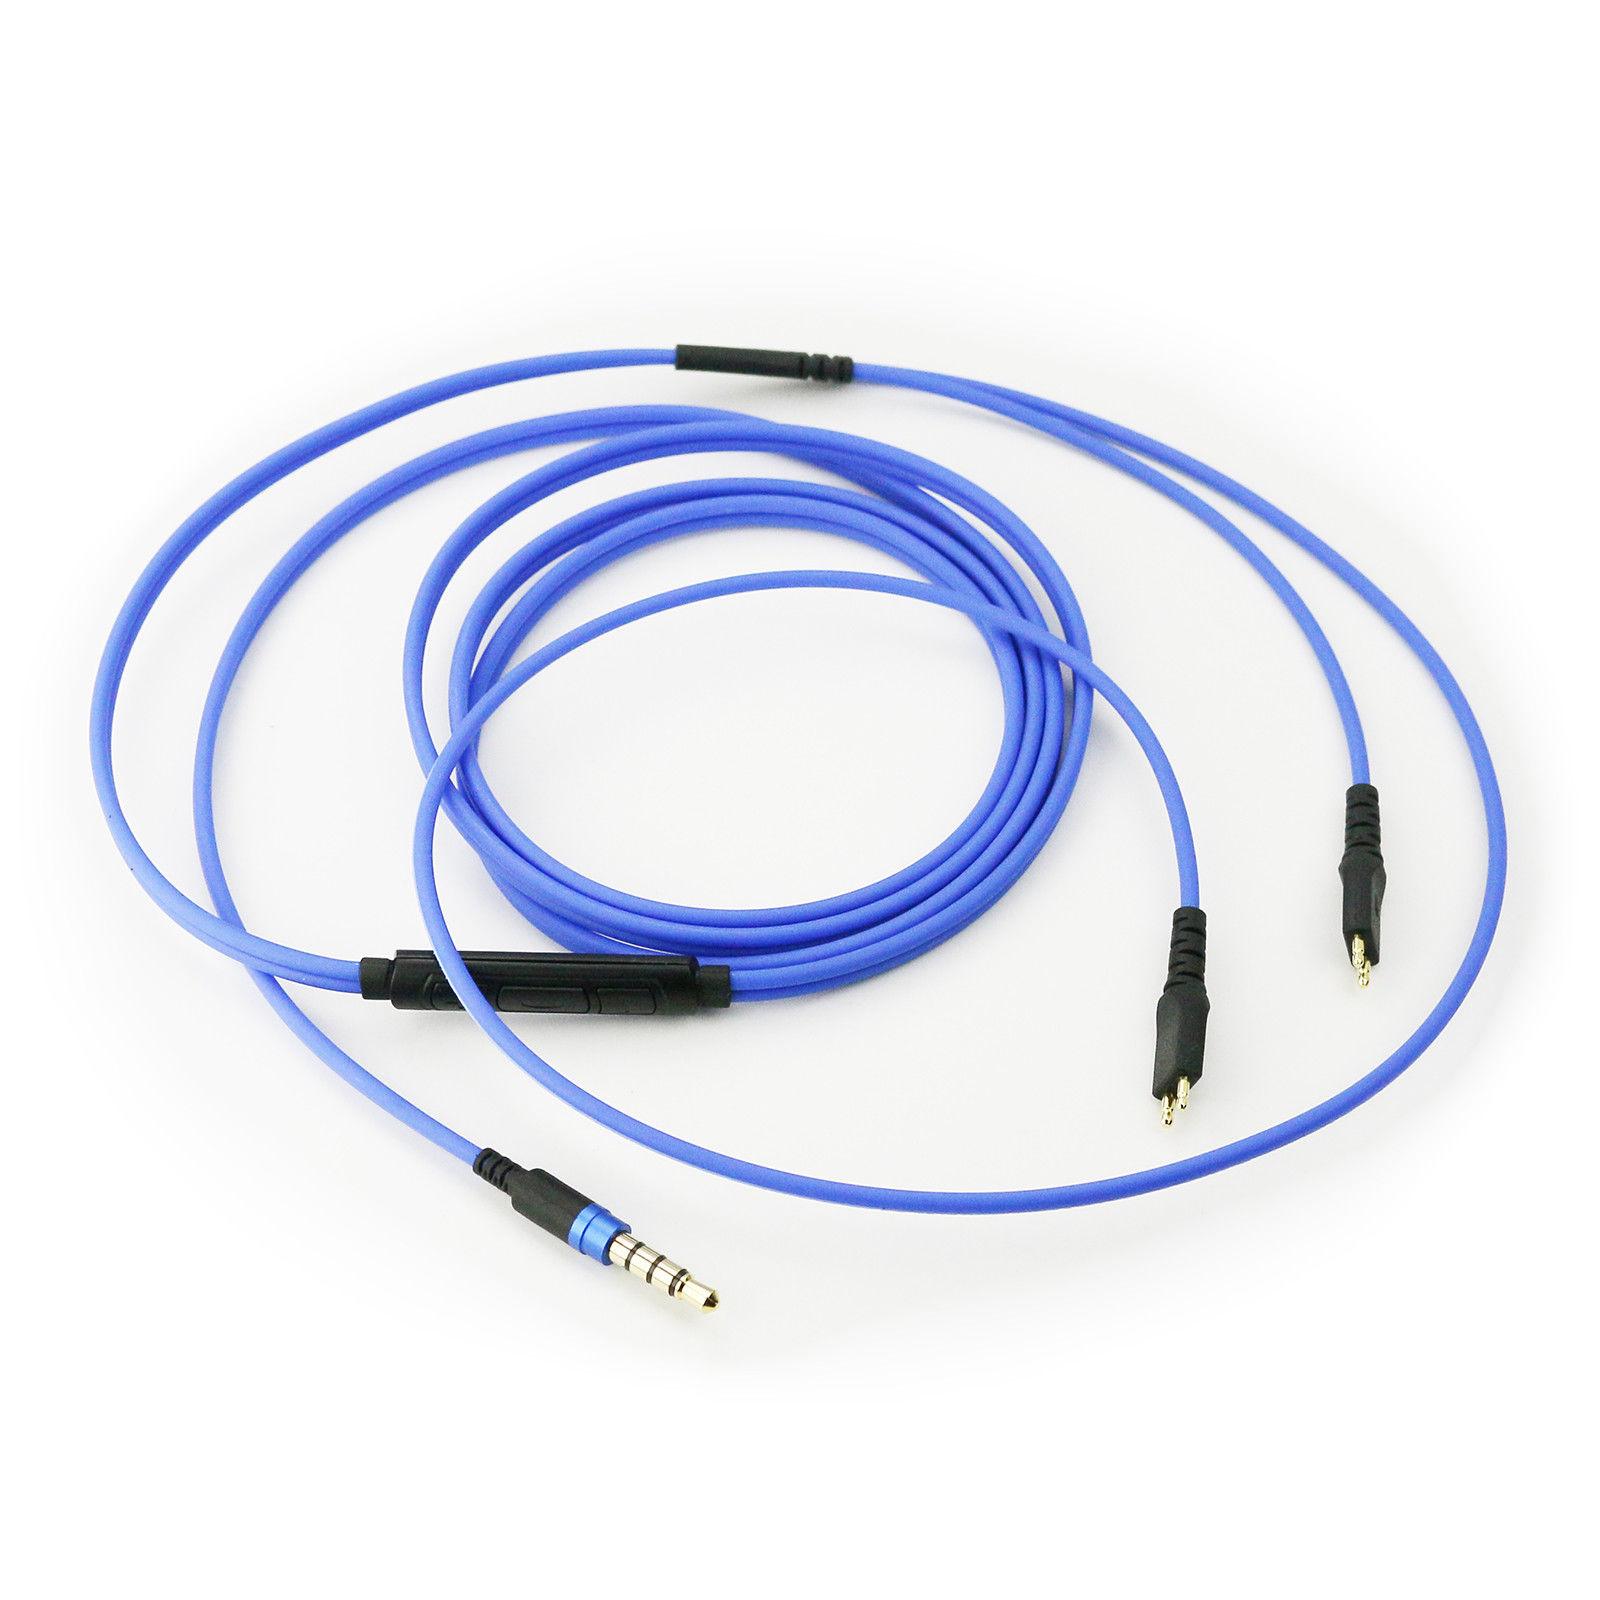 Cable de auriculares con micrófono Cable de volumen remoto para Sennheiser HD25 HD650 HD600 HD580 HD525 HD565 auriculares